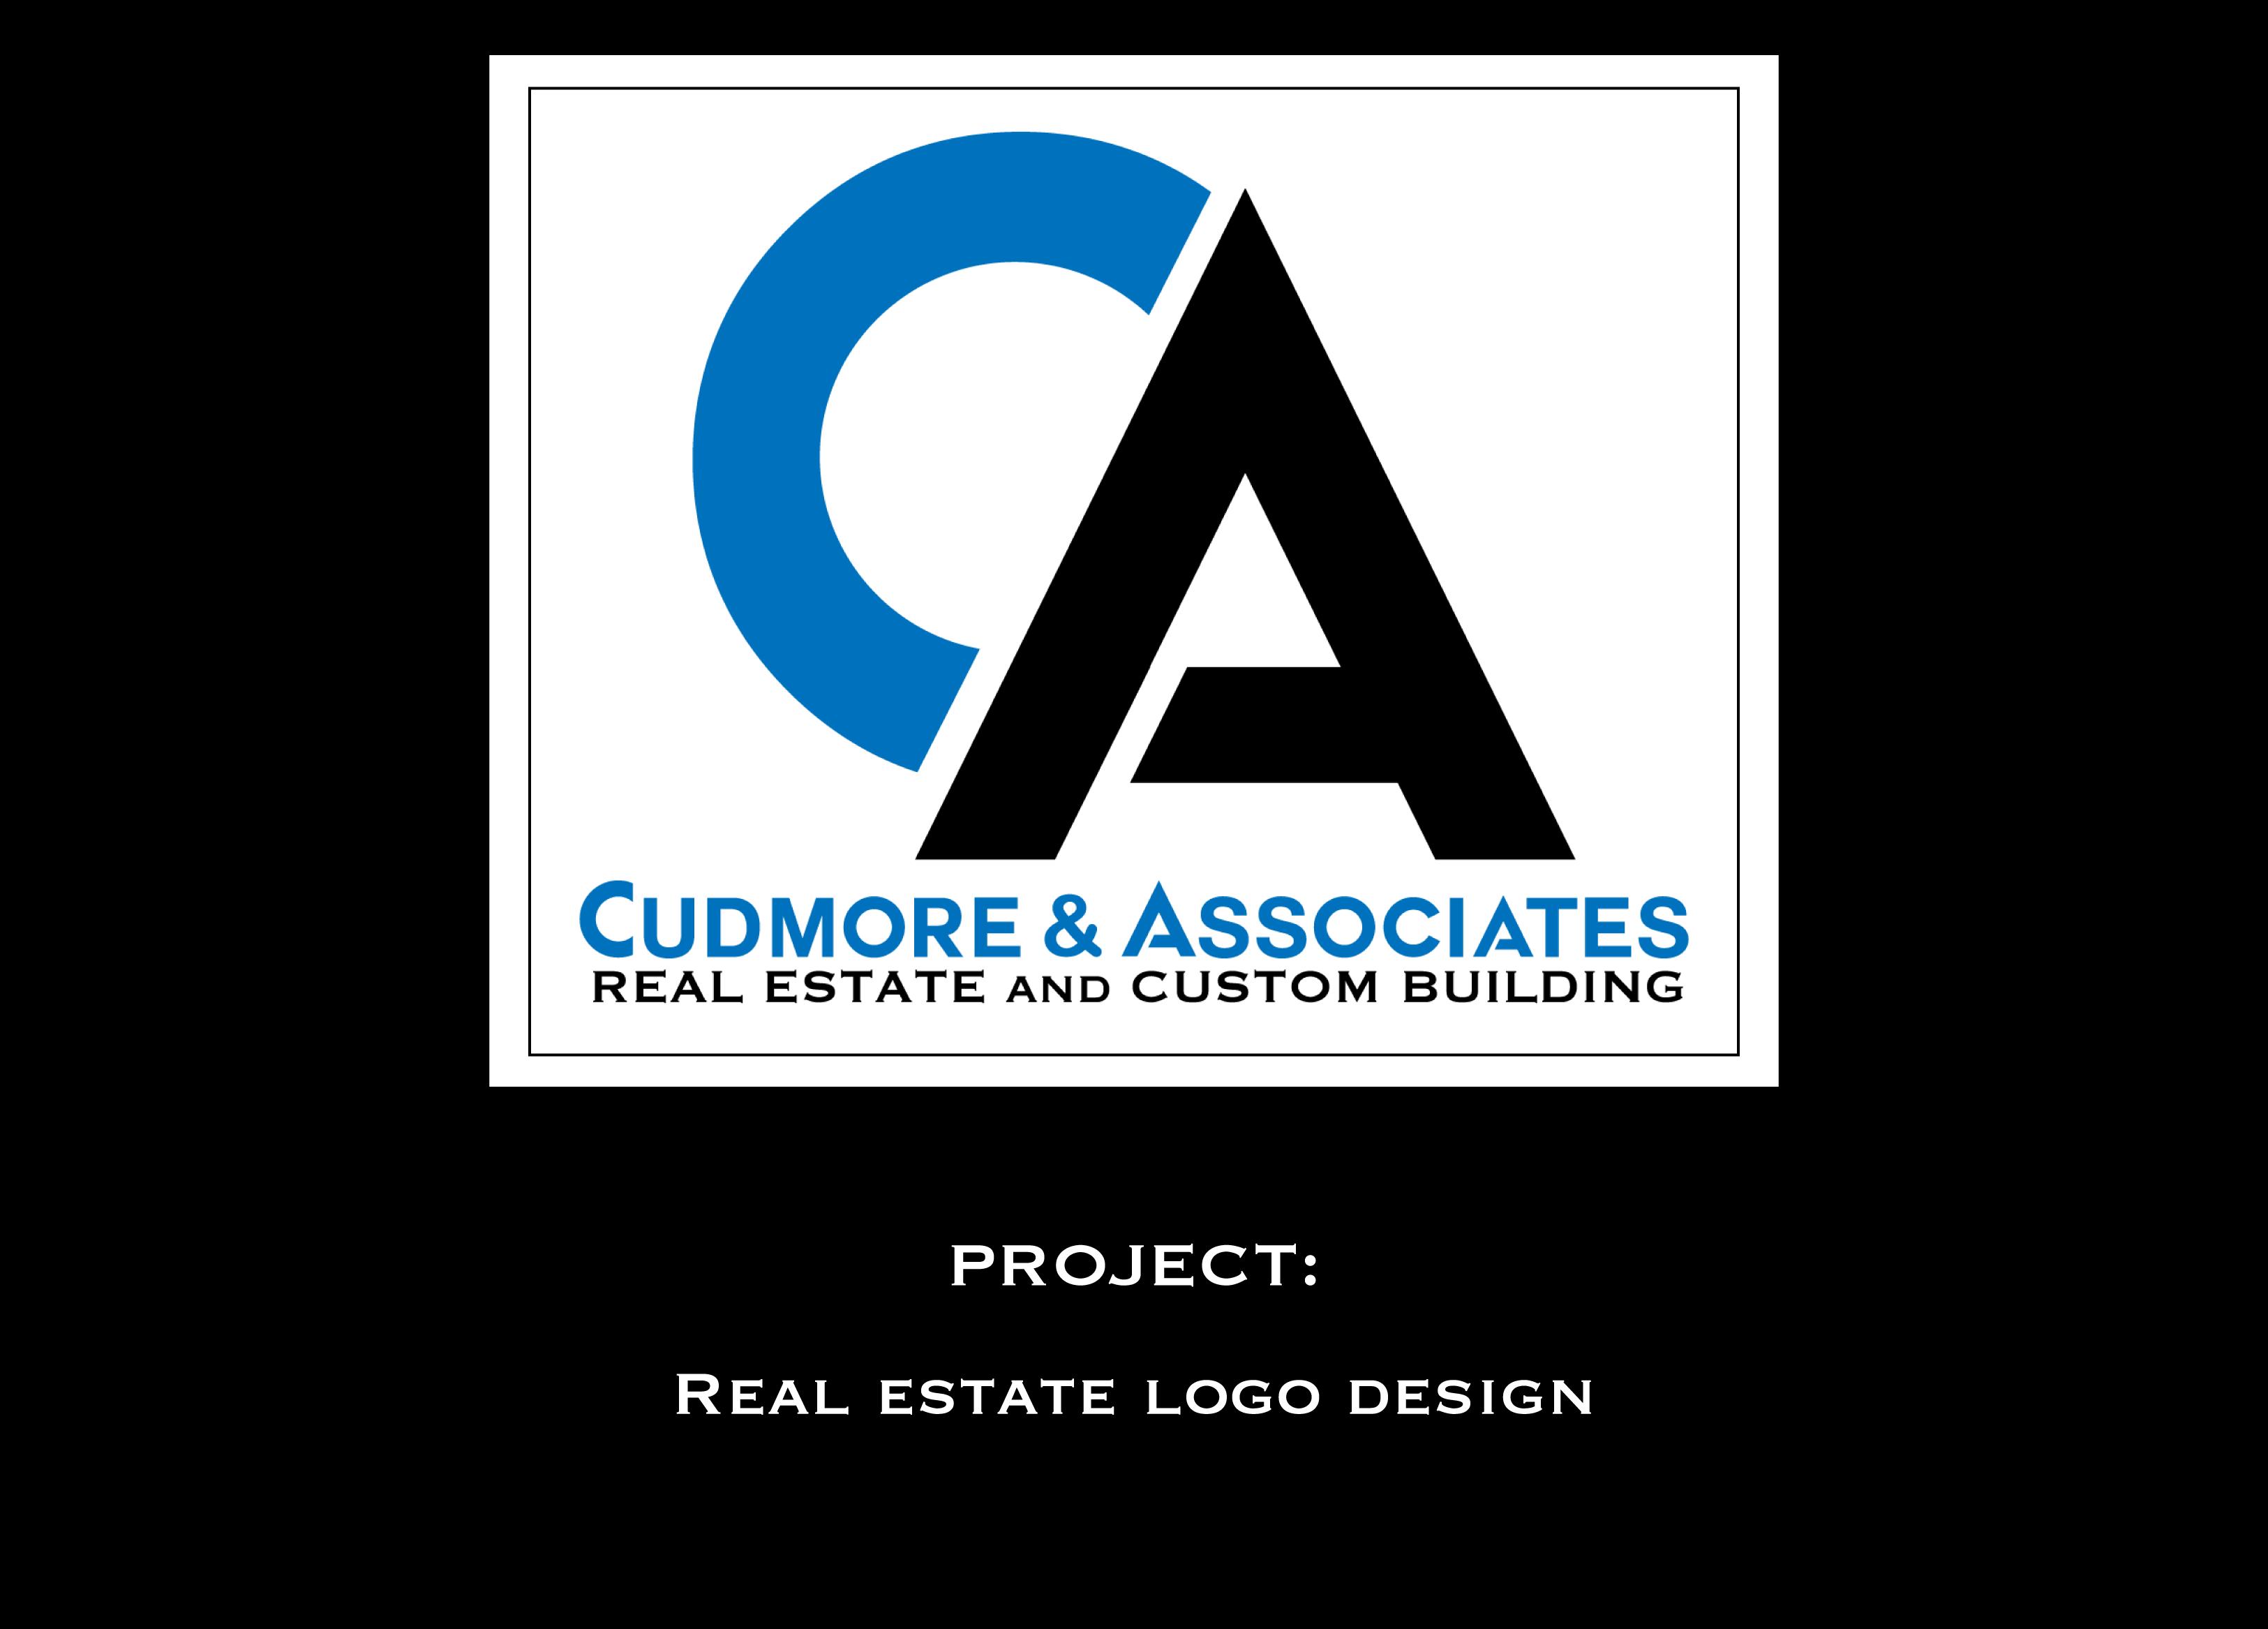 Cudmore Associates logo design